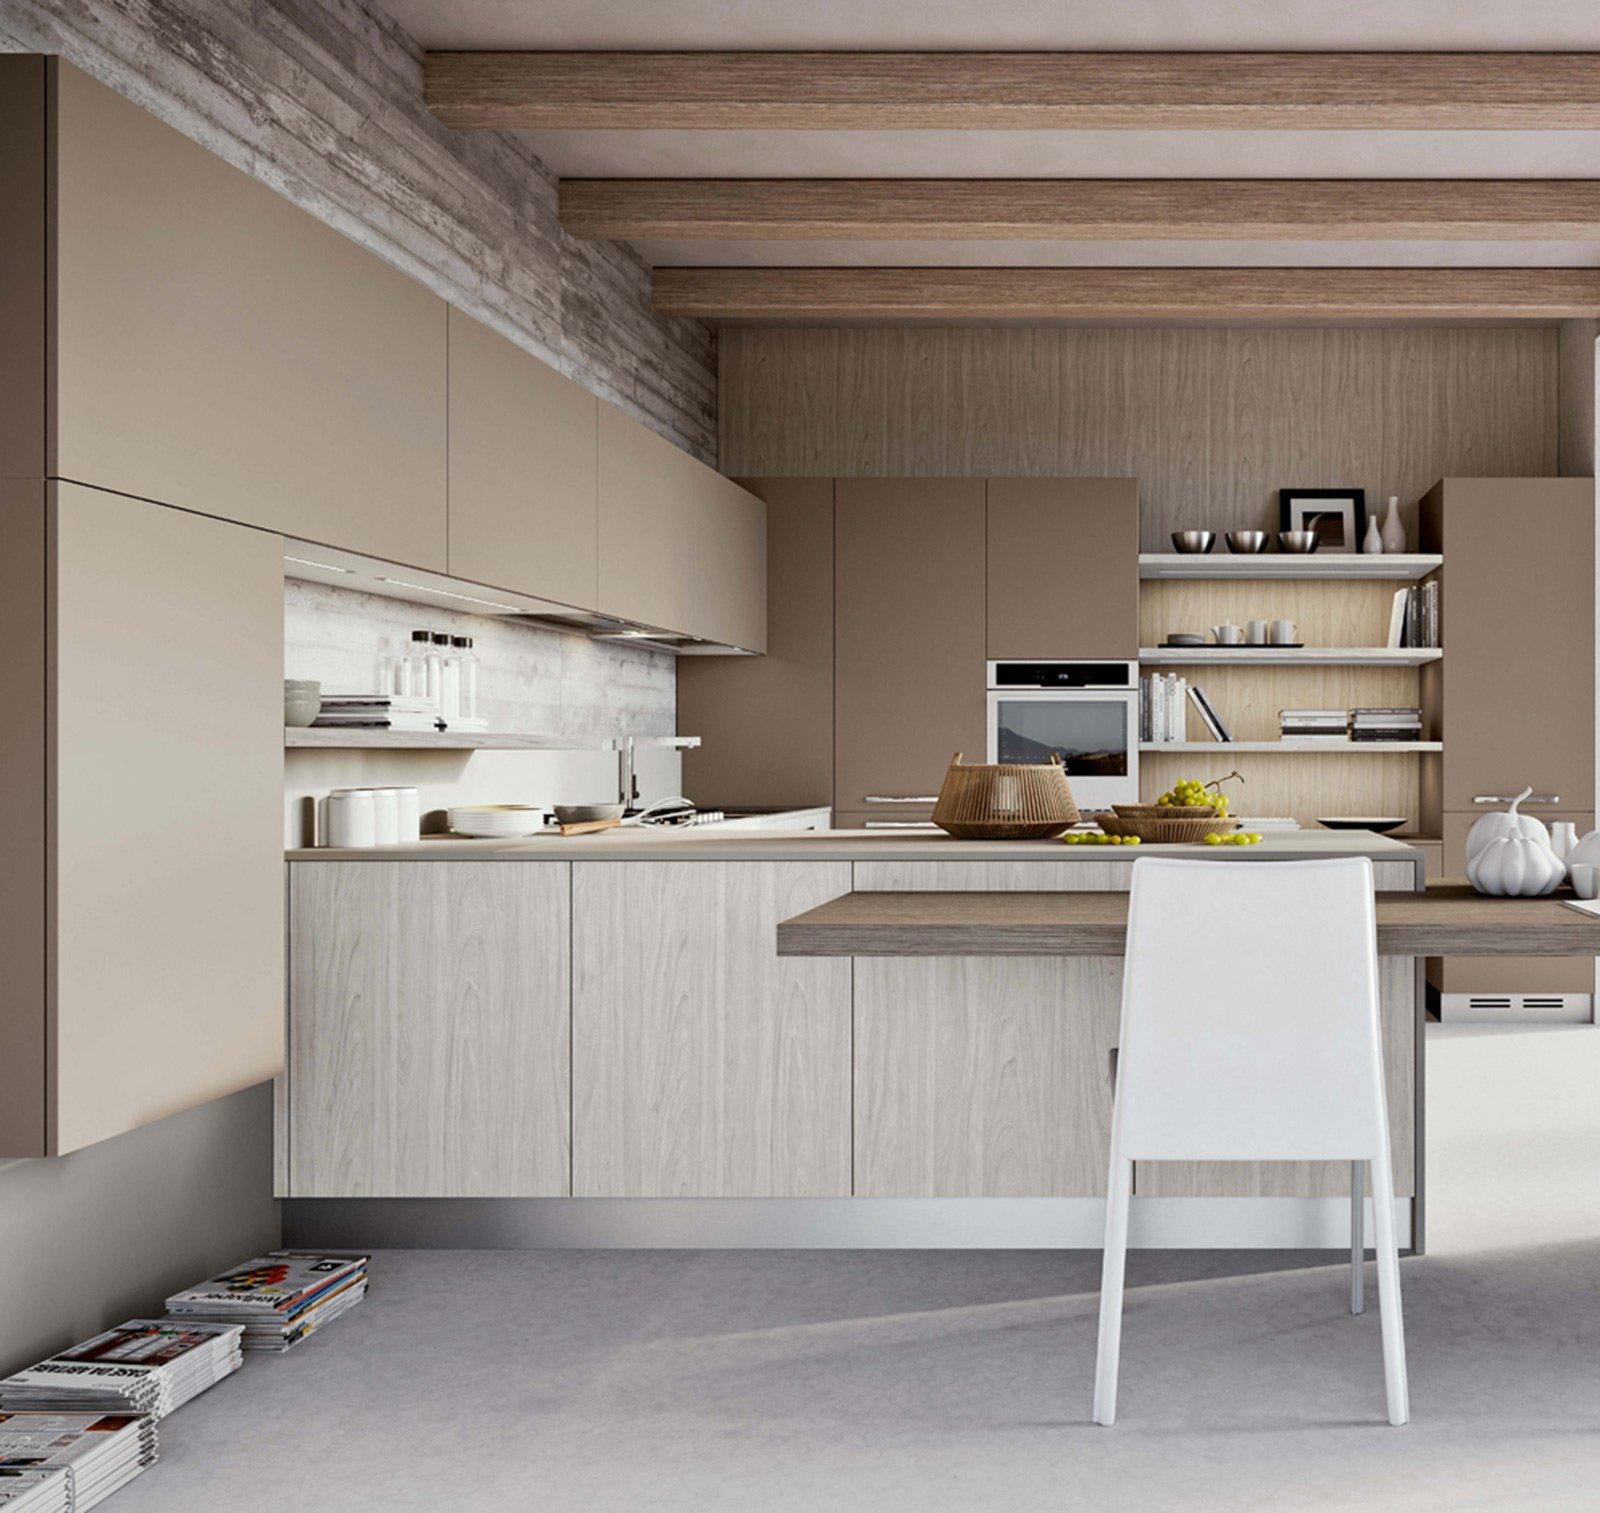 Cucina tante soluzioni per illuminarla cose di casa for Faretti casa classica